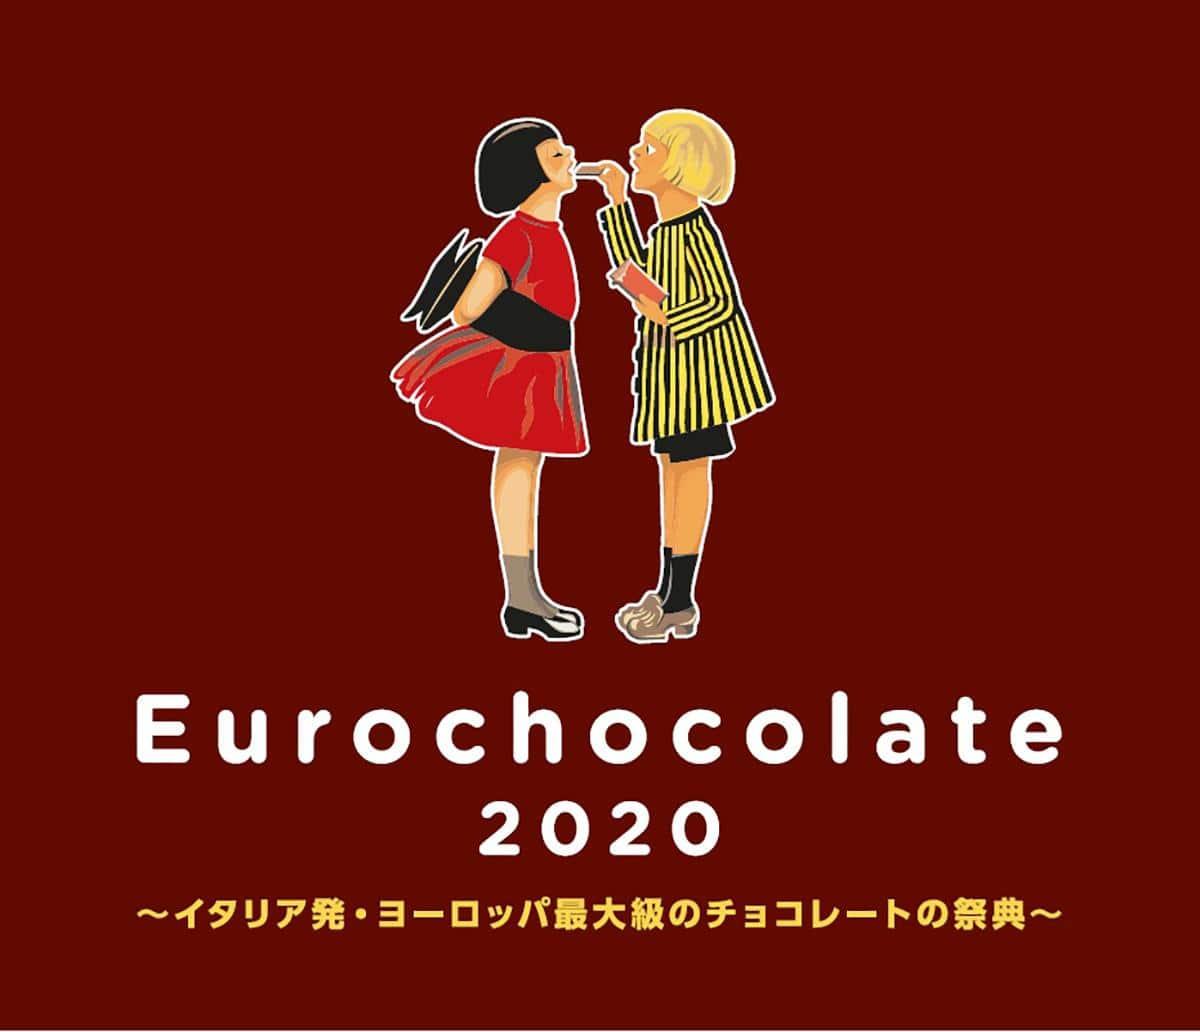 「ユーロチョコレート」のビジュアル